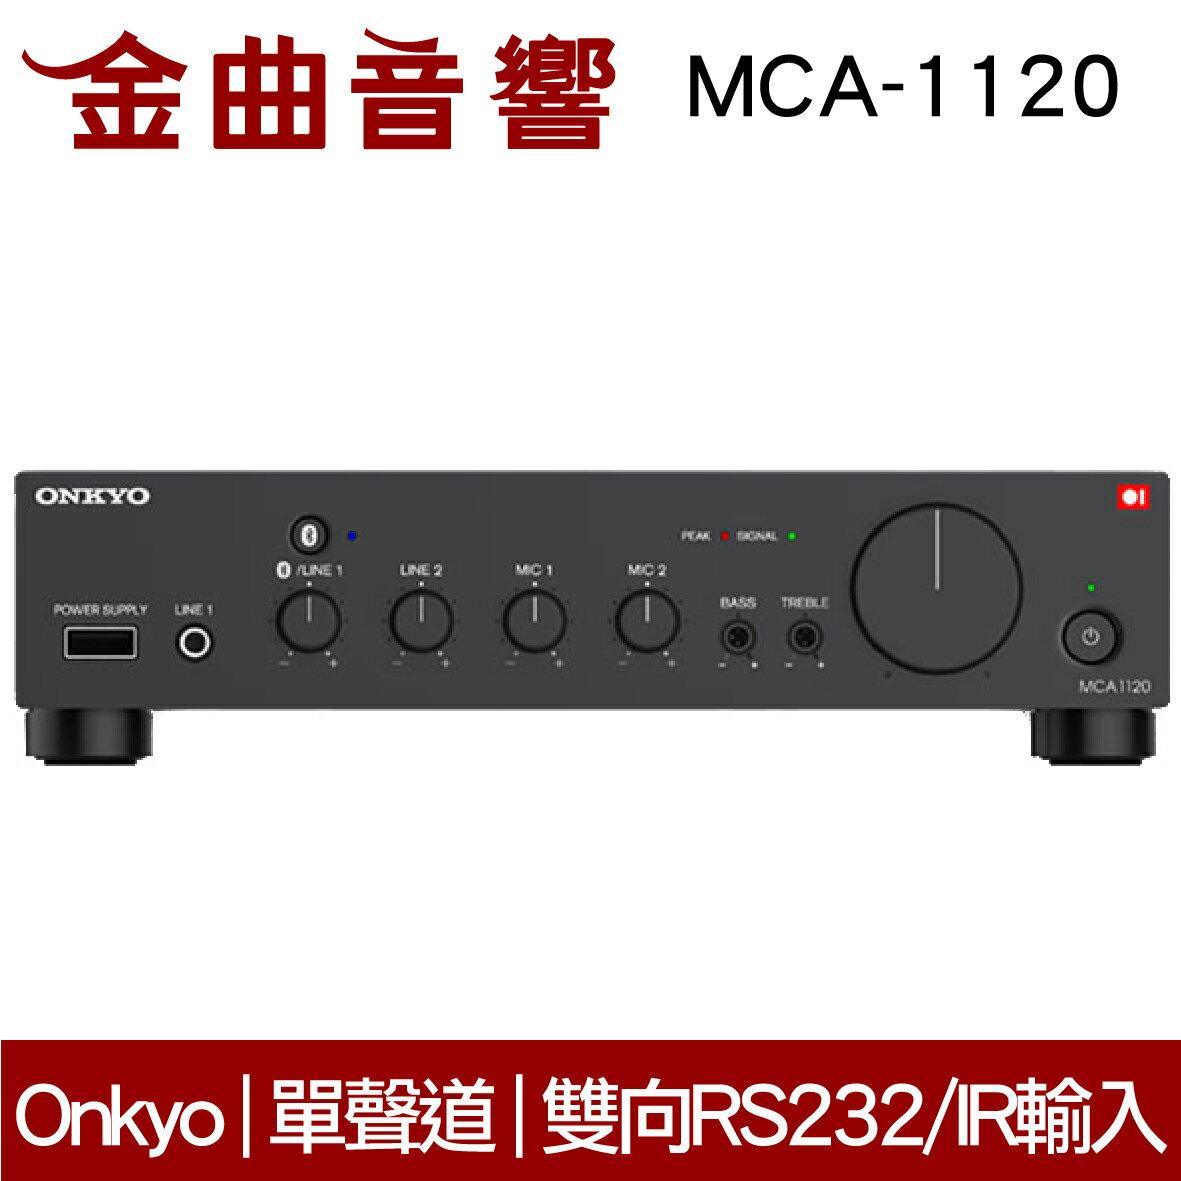 Onkyo 安橋 MCA-1120 單聲道 擴大機 MCA1120 | 金曲音響